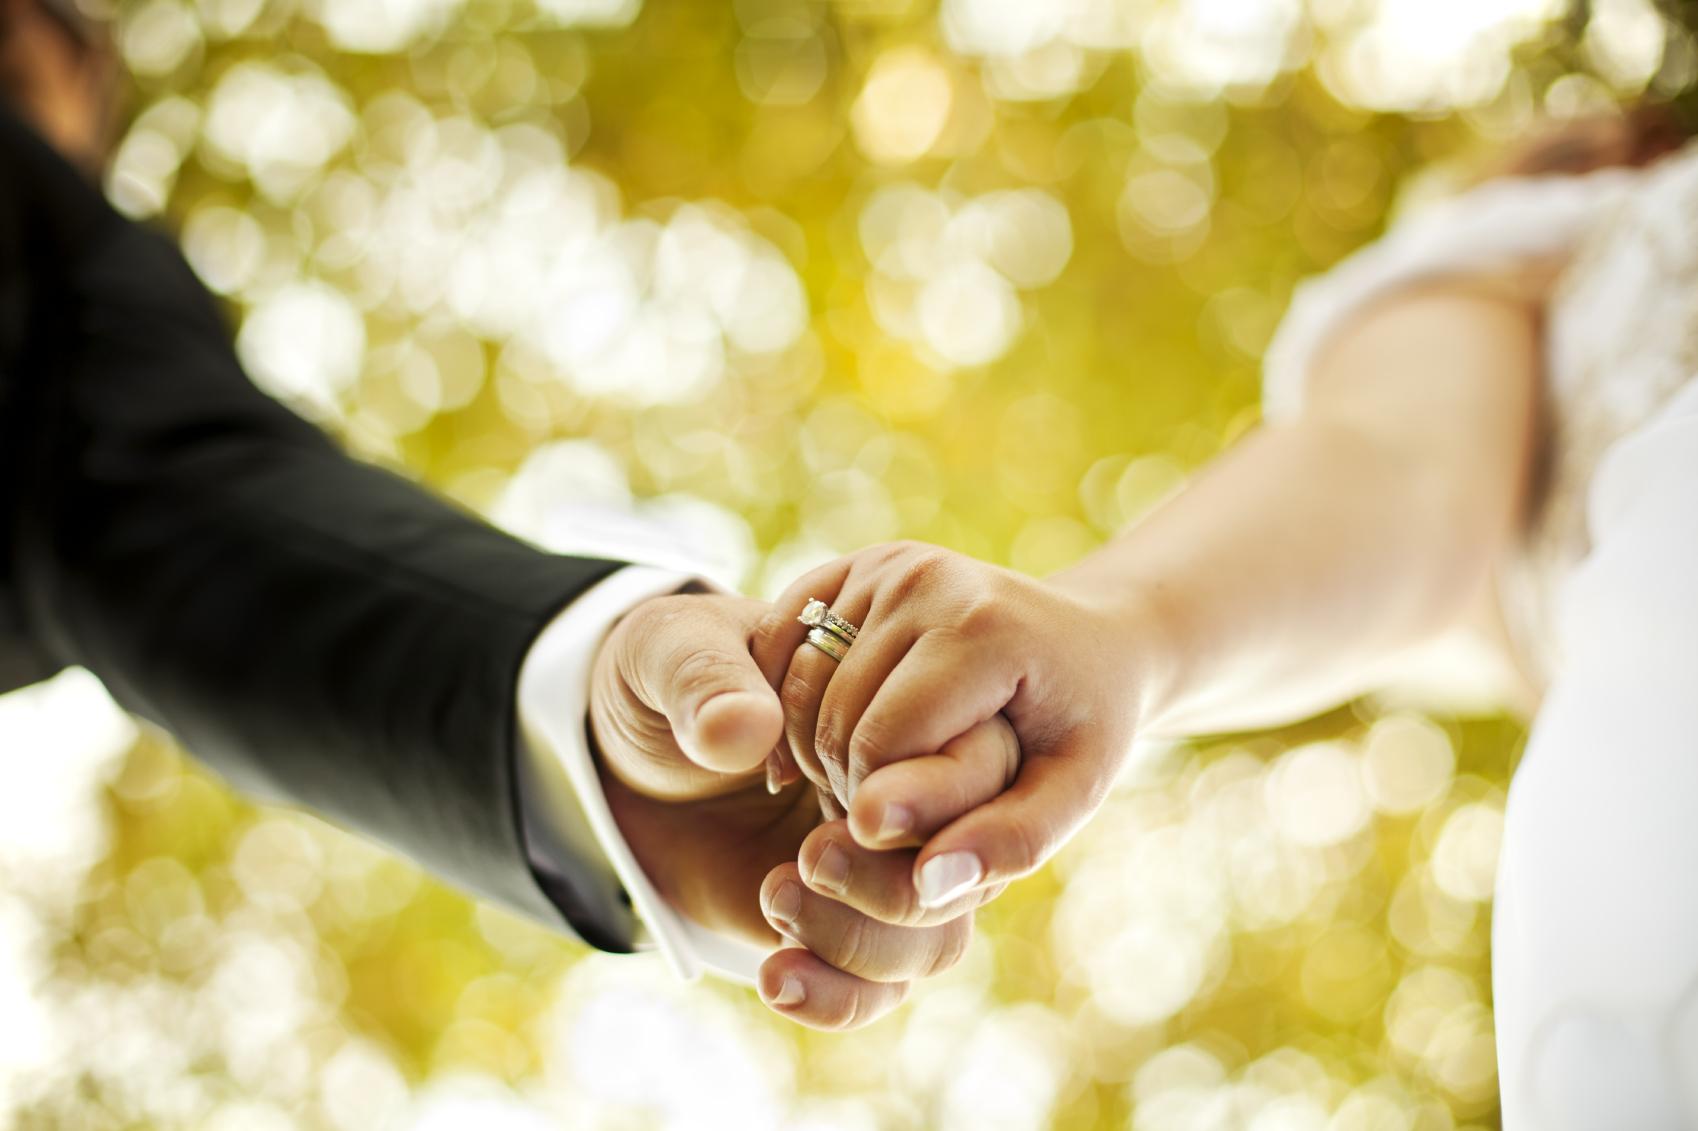 اشتباه های رایج زوجهای جوان بعد از ازدواج